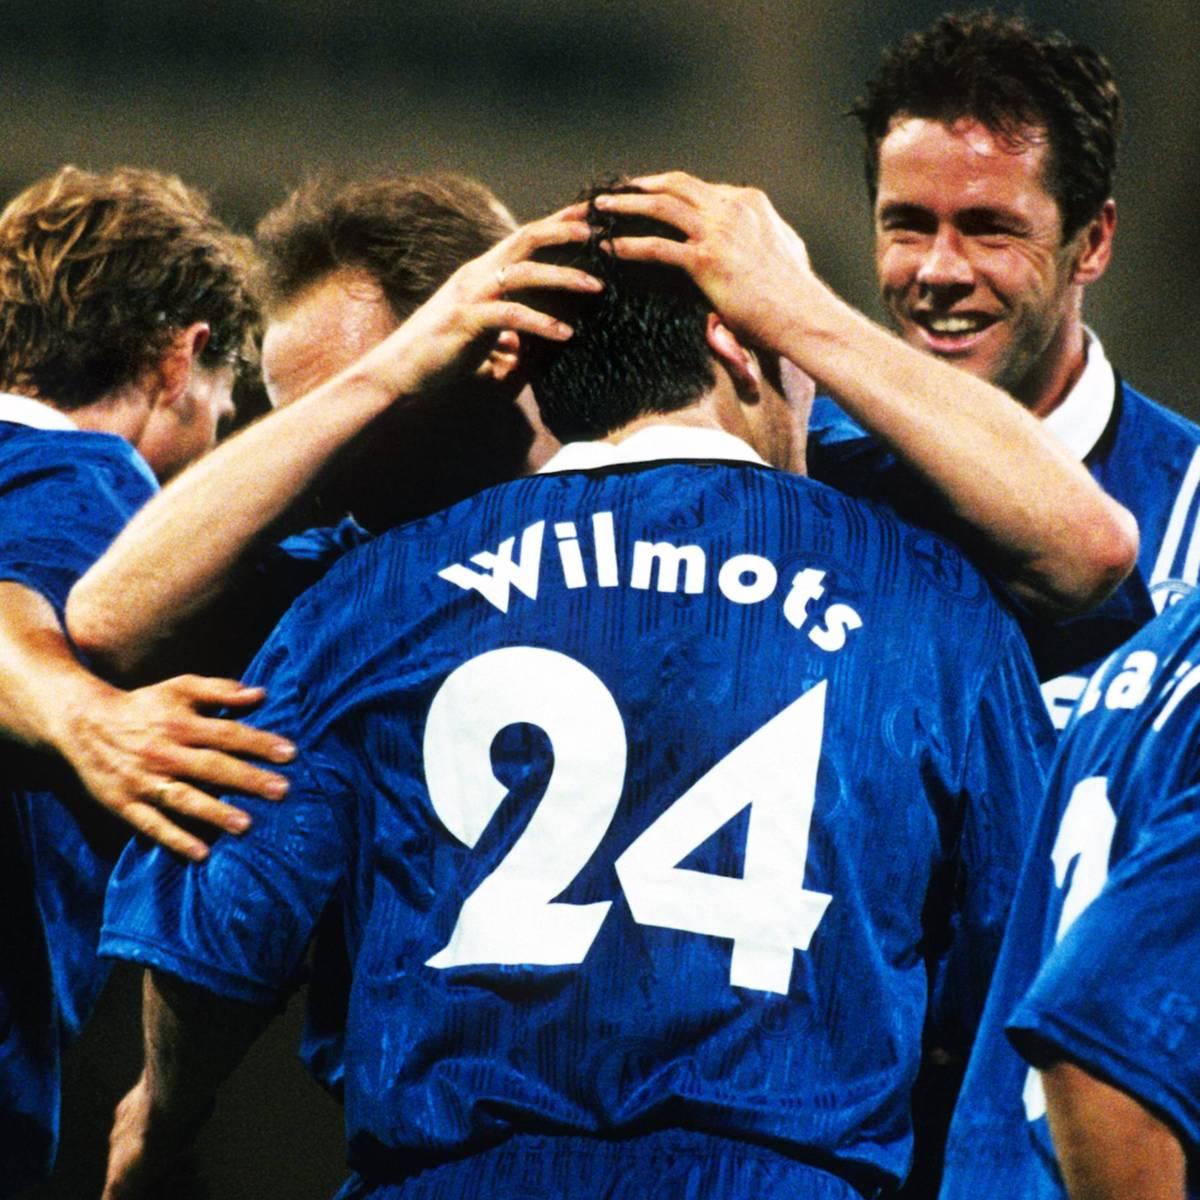 Die Eurofighter: Wie gut war eigentlich Schalke 04 im UEFA-Cup 96/97?